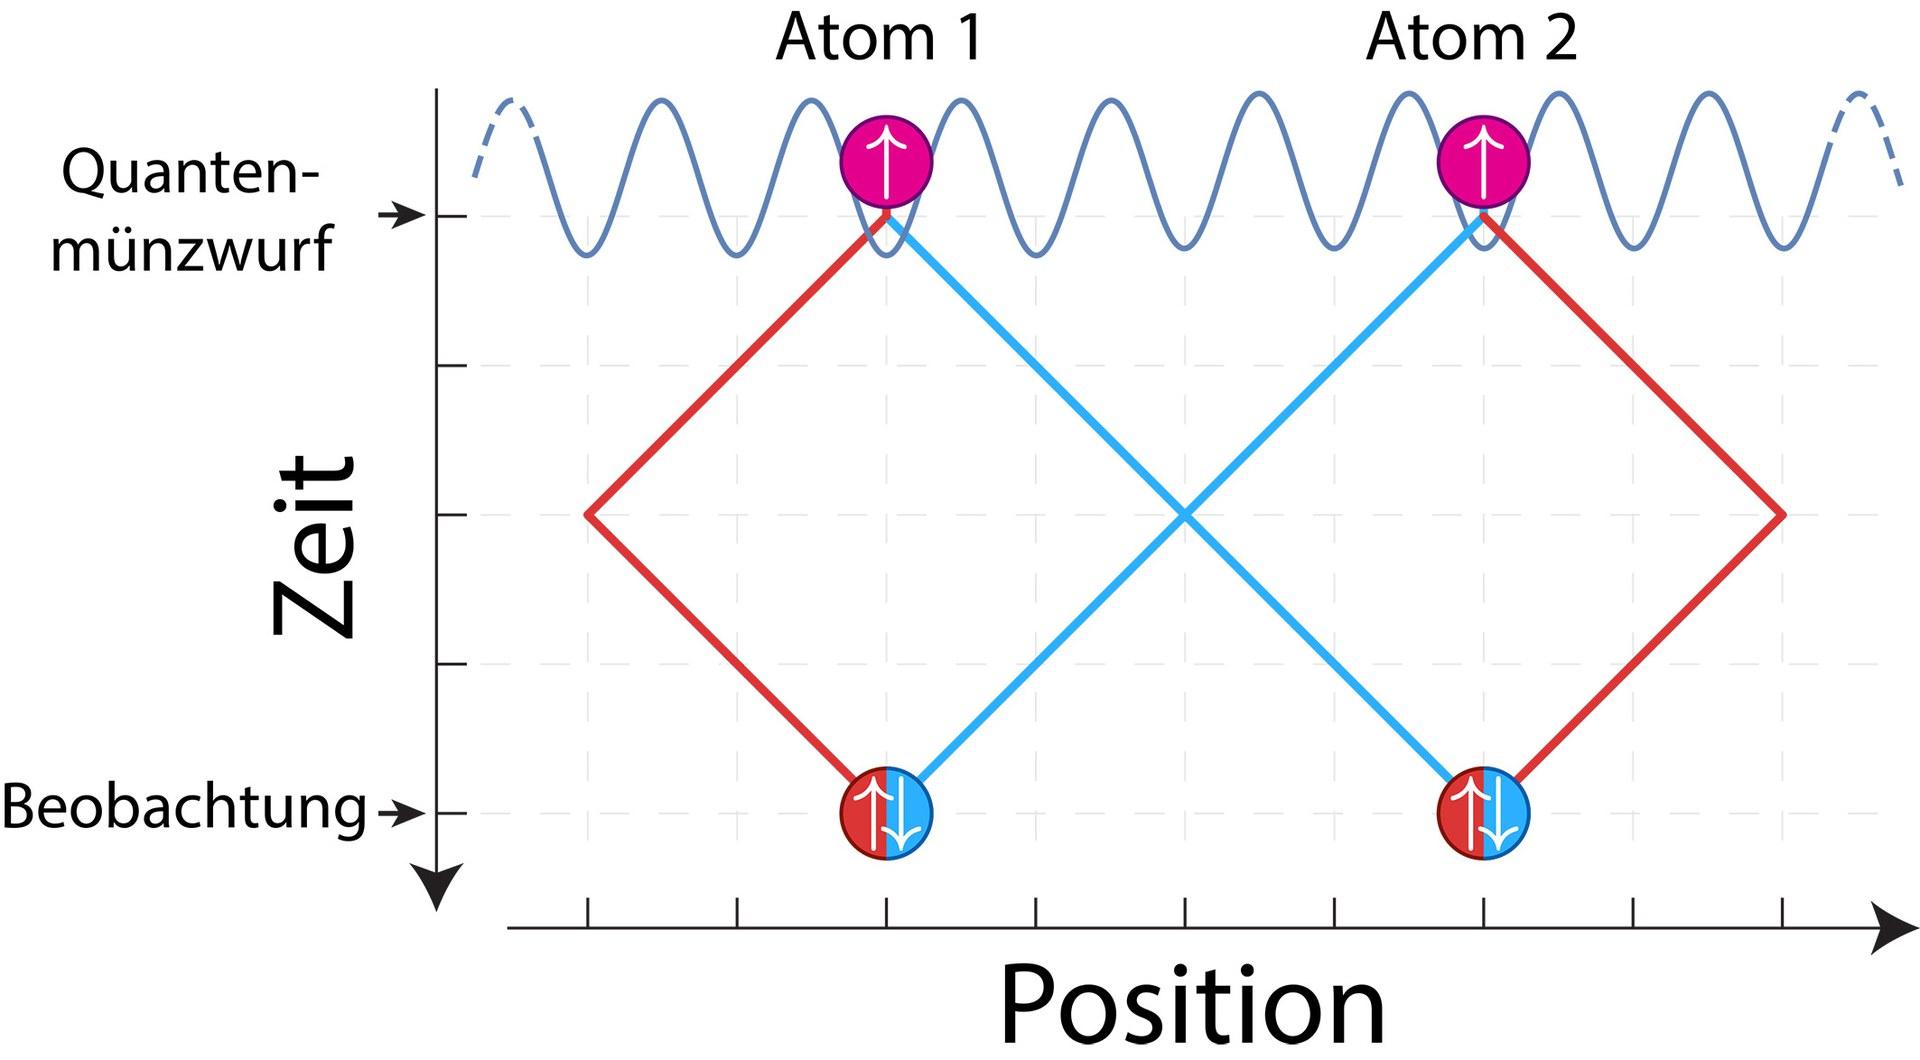 Zwei zu Beginn an verschiedenen Orten vorbereitete Atome